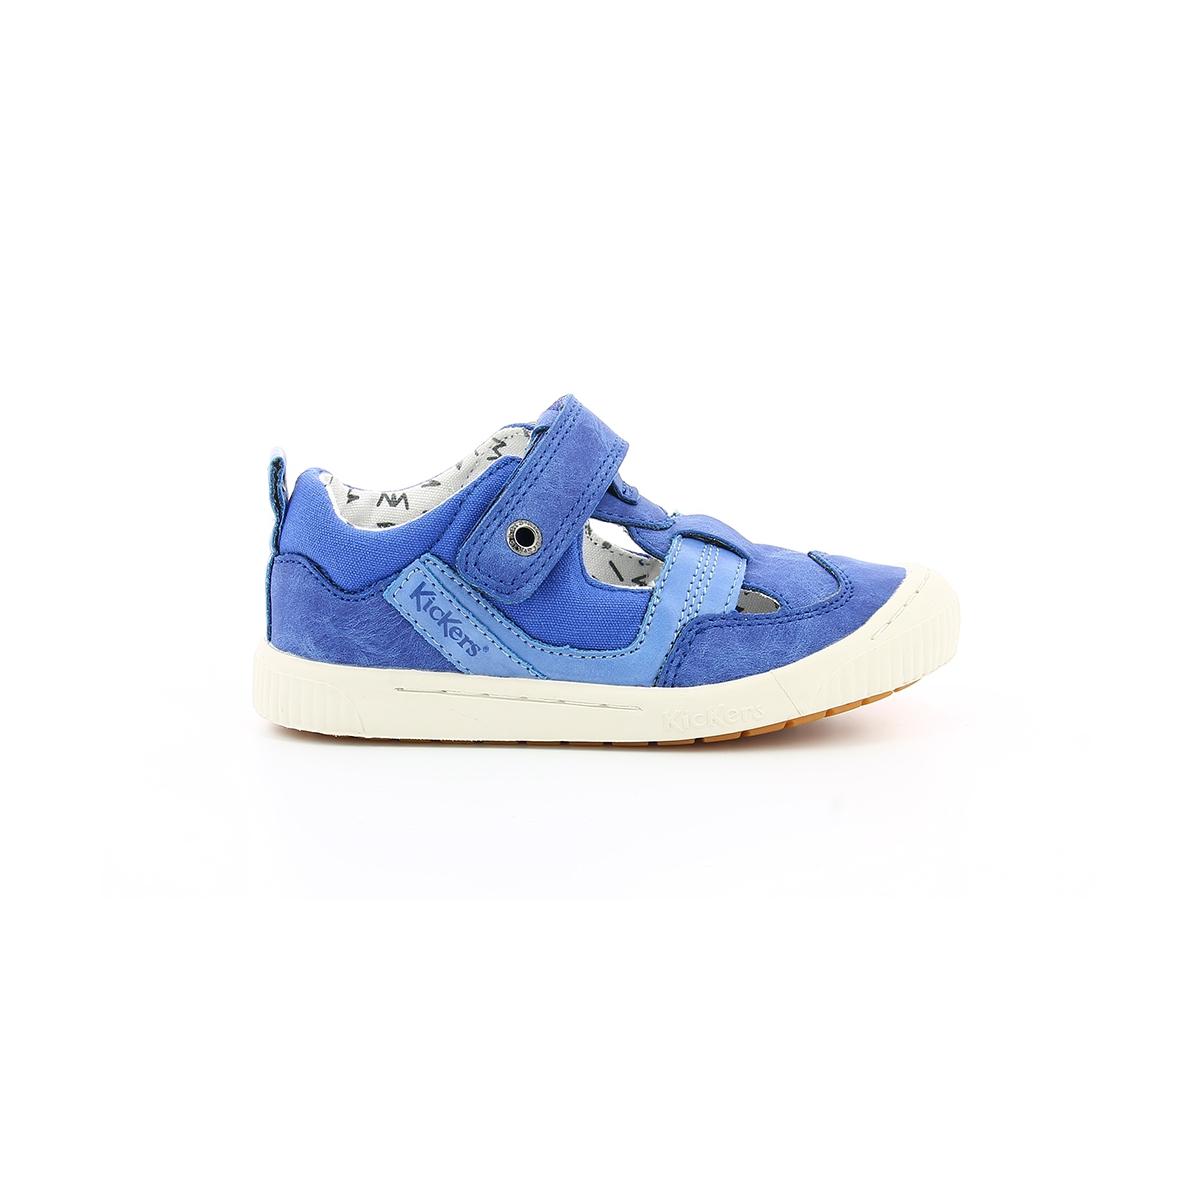 Enfant Bleu Chaussures Chaussures Enfant Ziguero Ziguero Kickers Kickers Enfant Chaussures Bleu Bleu Ziguero xHtqtE